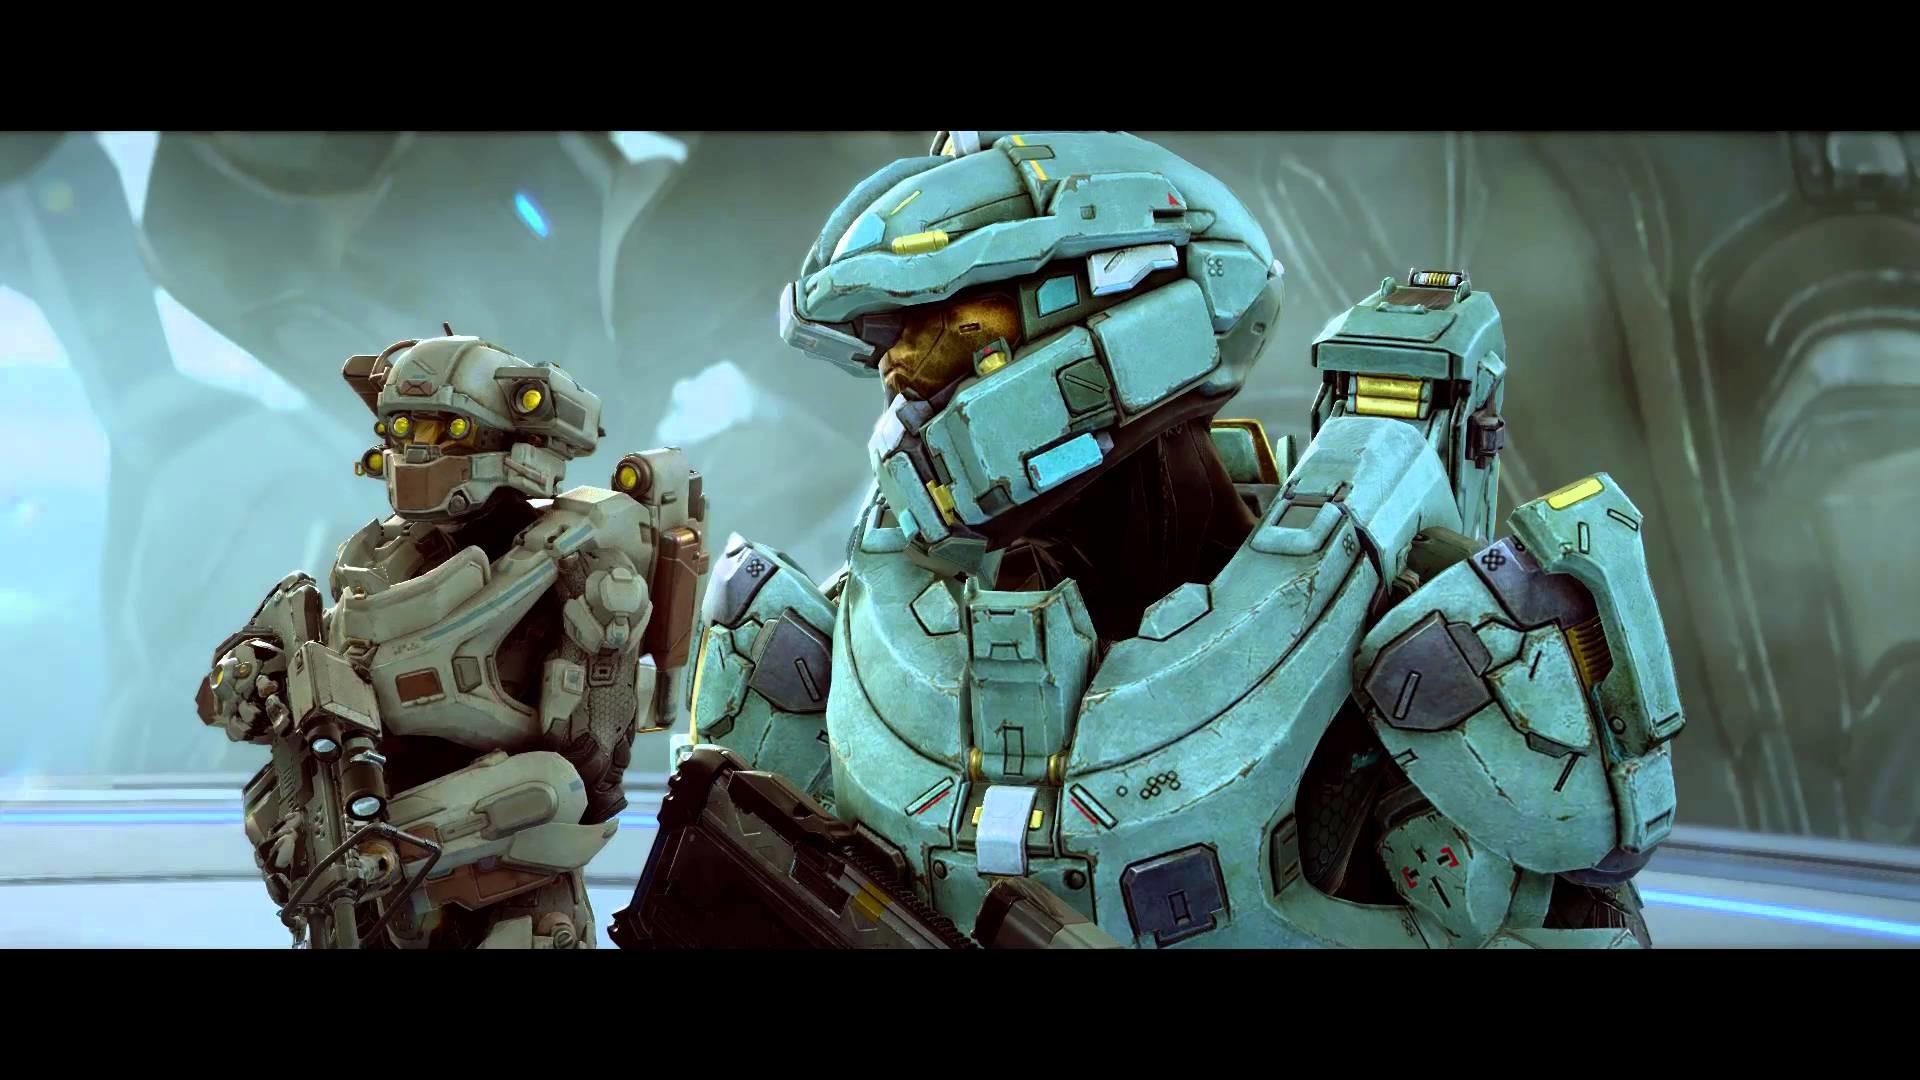 Halo 5 – Blue Team on Genesis